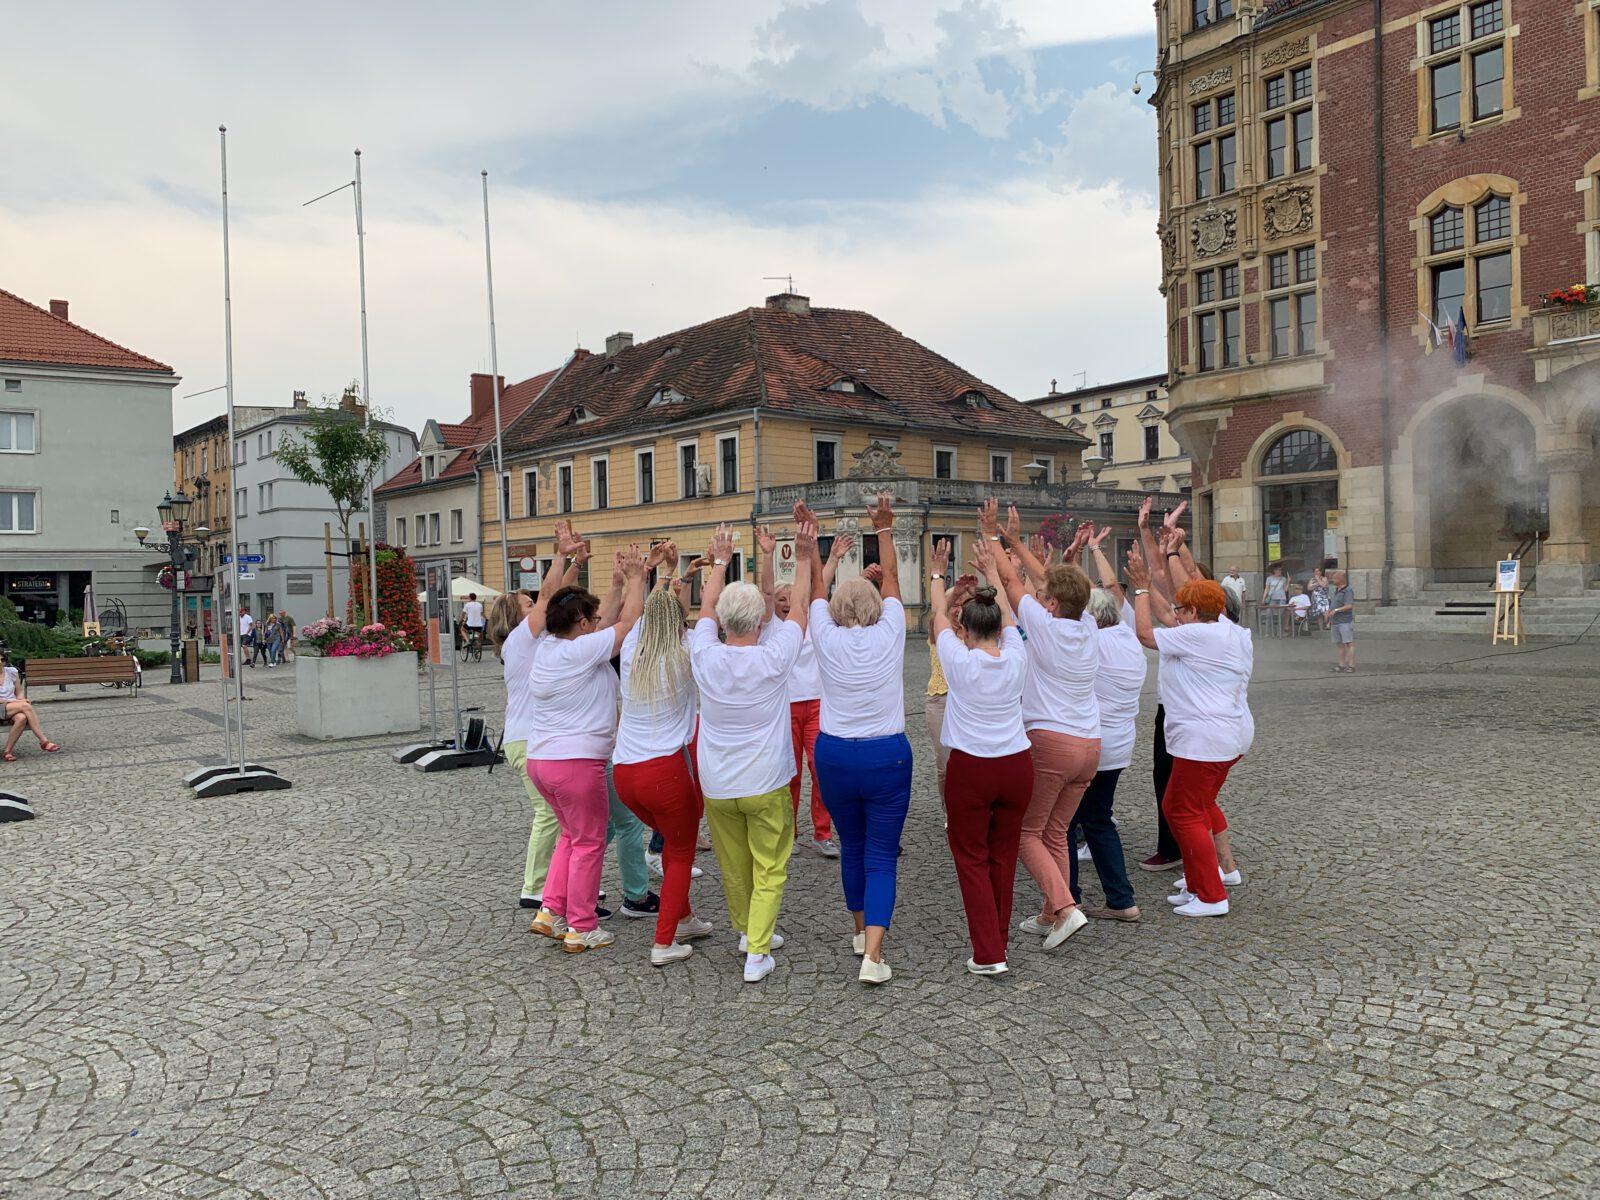 Grupa seniorek tańczących na Rynku z rękami podniesionymi w górę, w tle tarnogórski Ratusz.